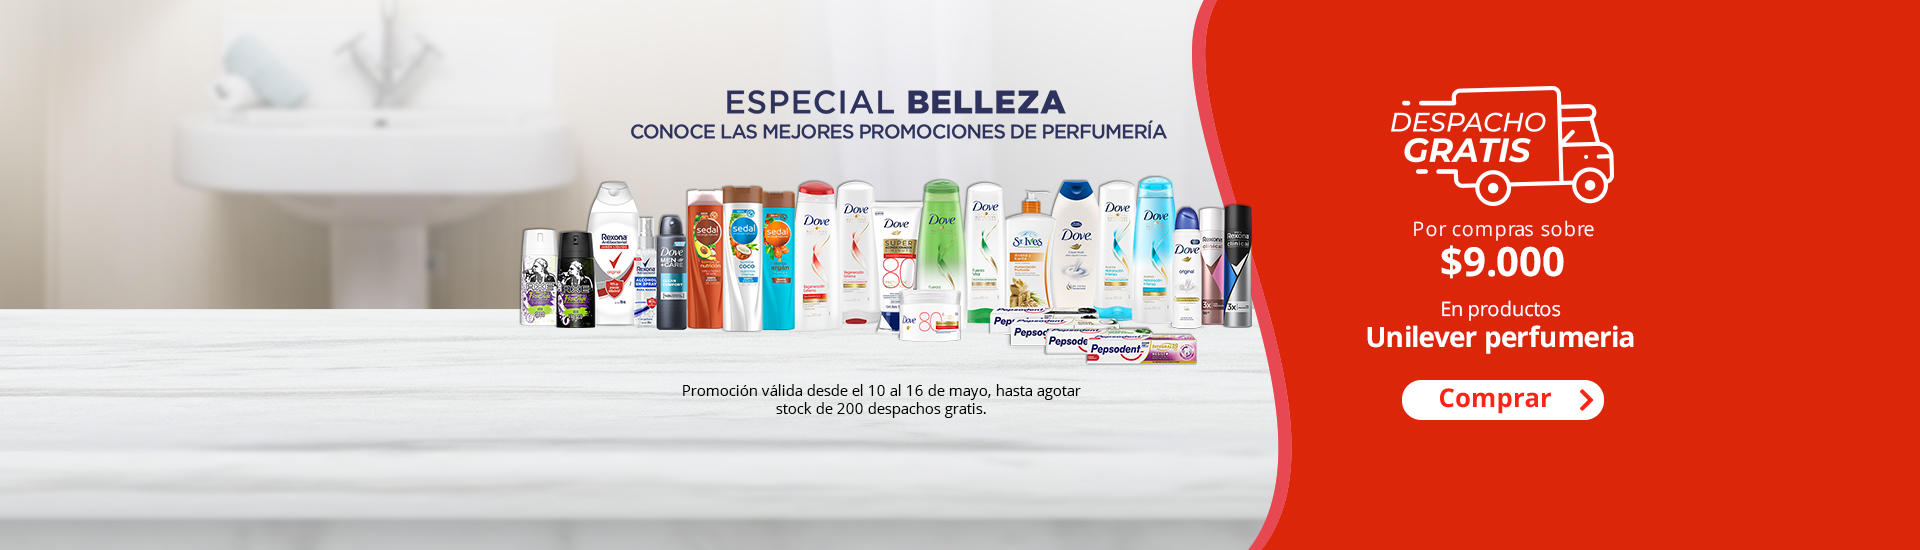 DG Perfumeria Unilever